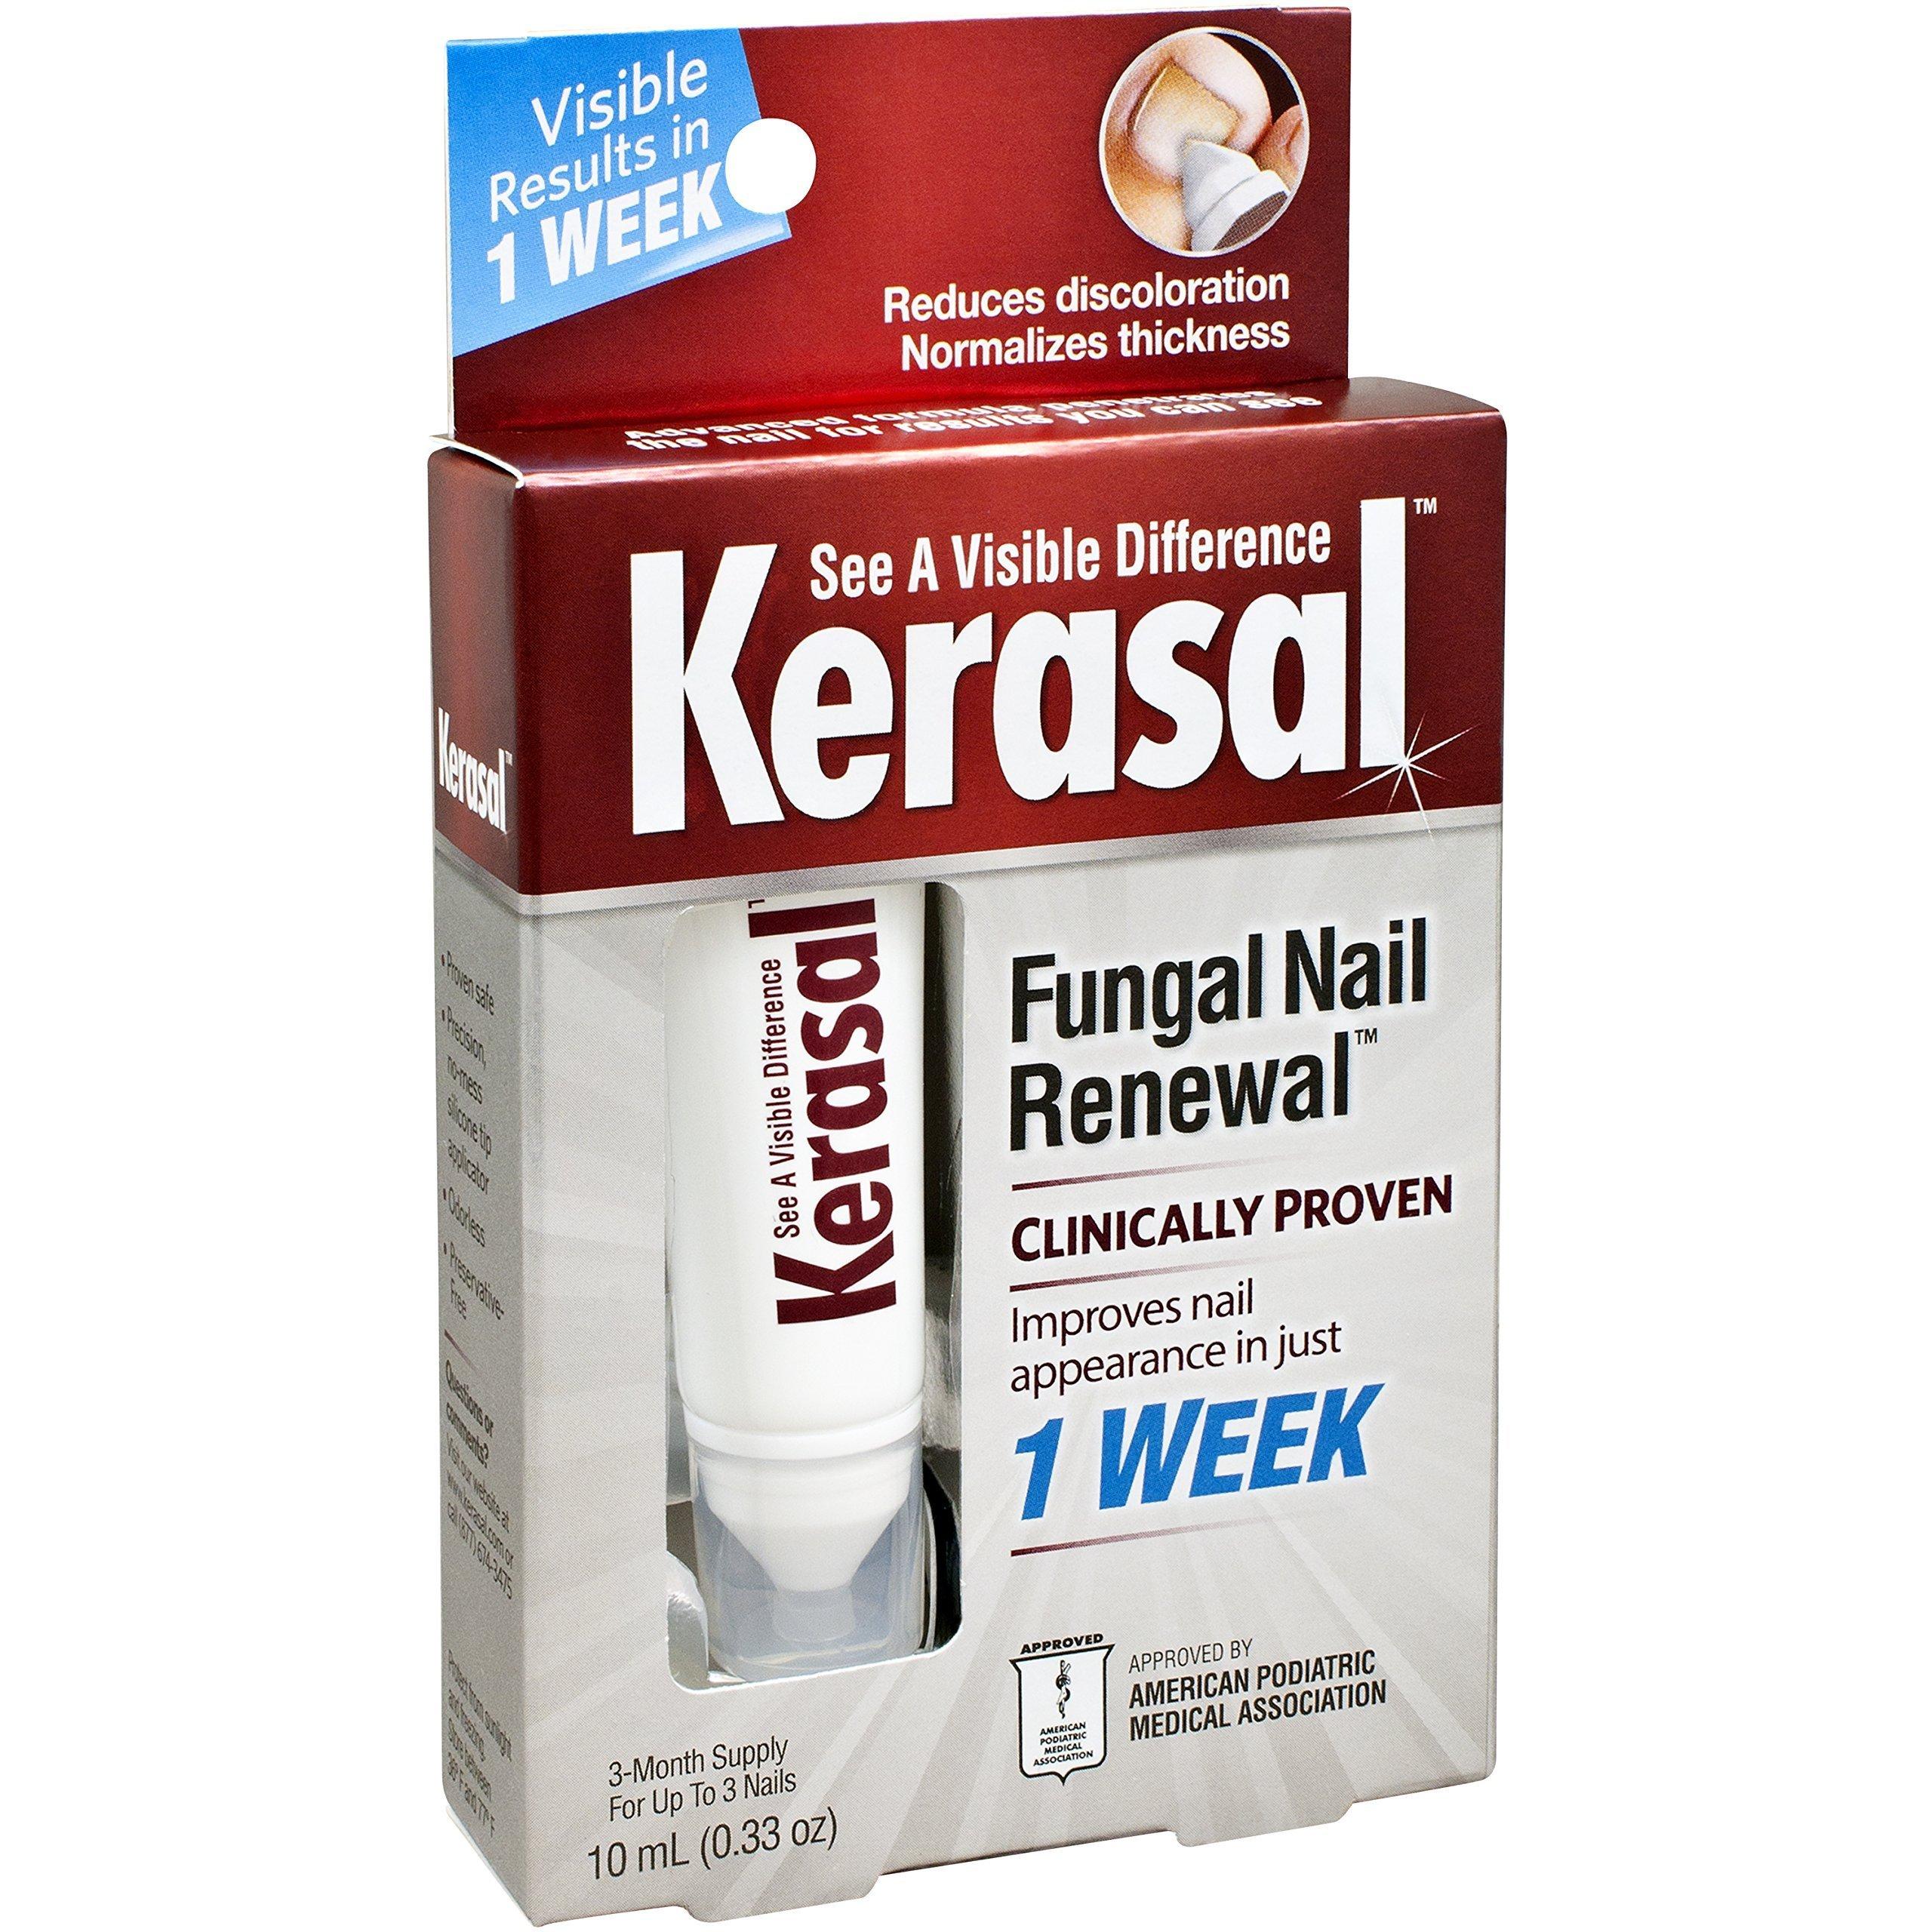 Amazon.com: Funginix Toenail Fungus Treatment, Maximum Strength Anti ...